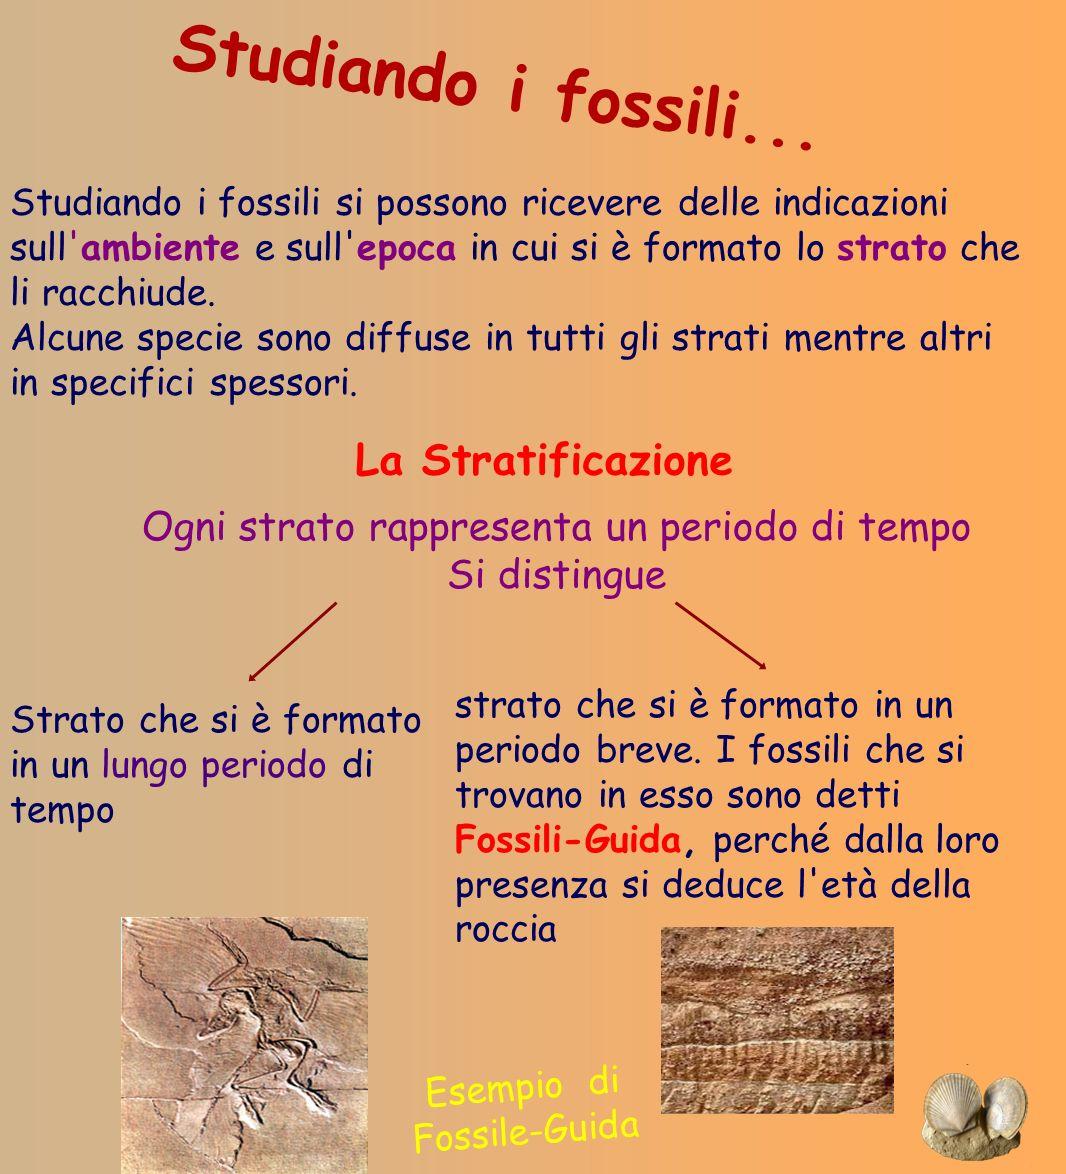 Studiando i fossili si possono ricevere delle indicazioni sull'ambiente e sull'epoca in cui si è formato lo strato che li racchiude. Alcune specie son